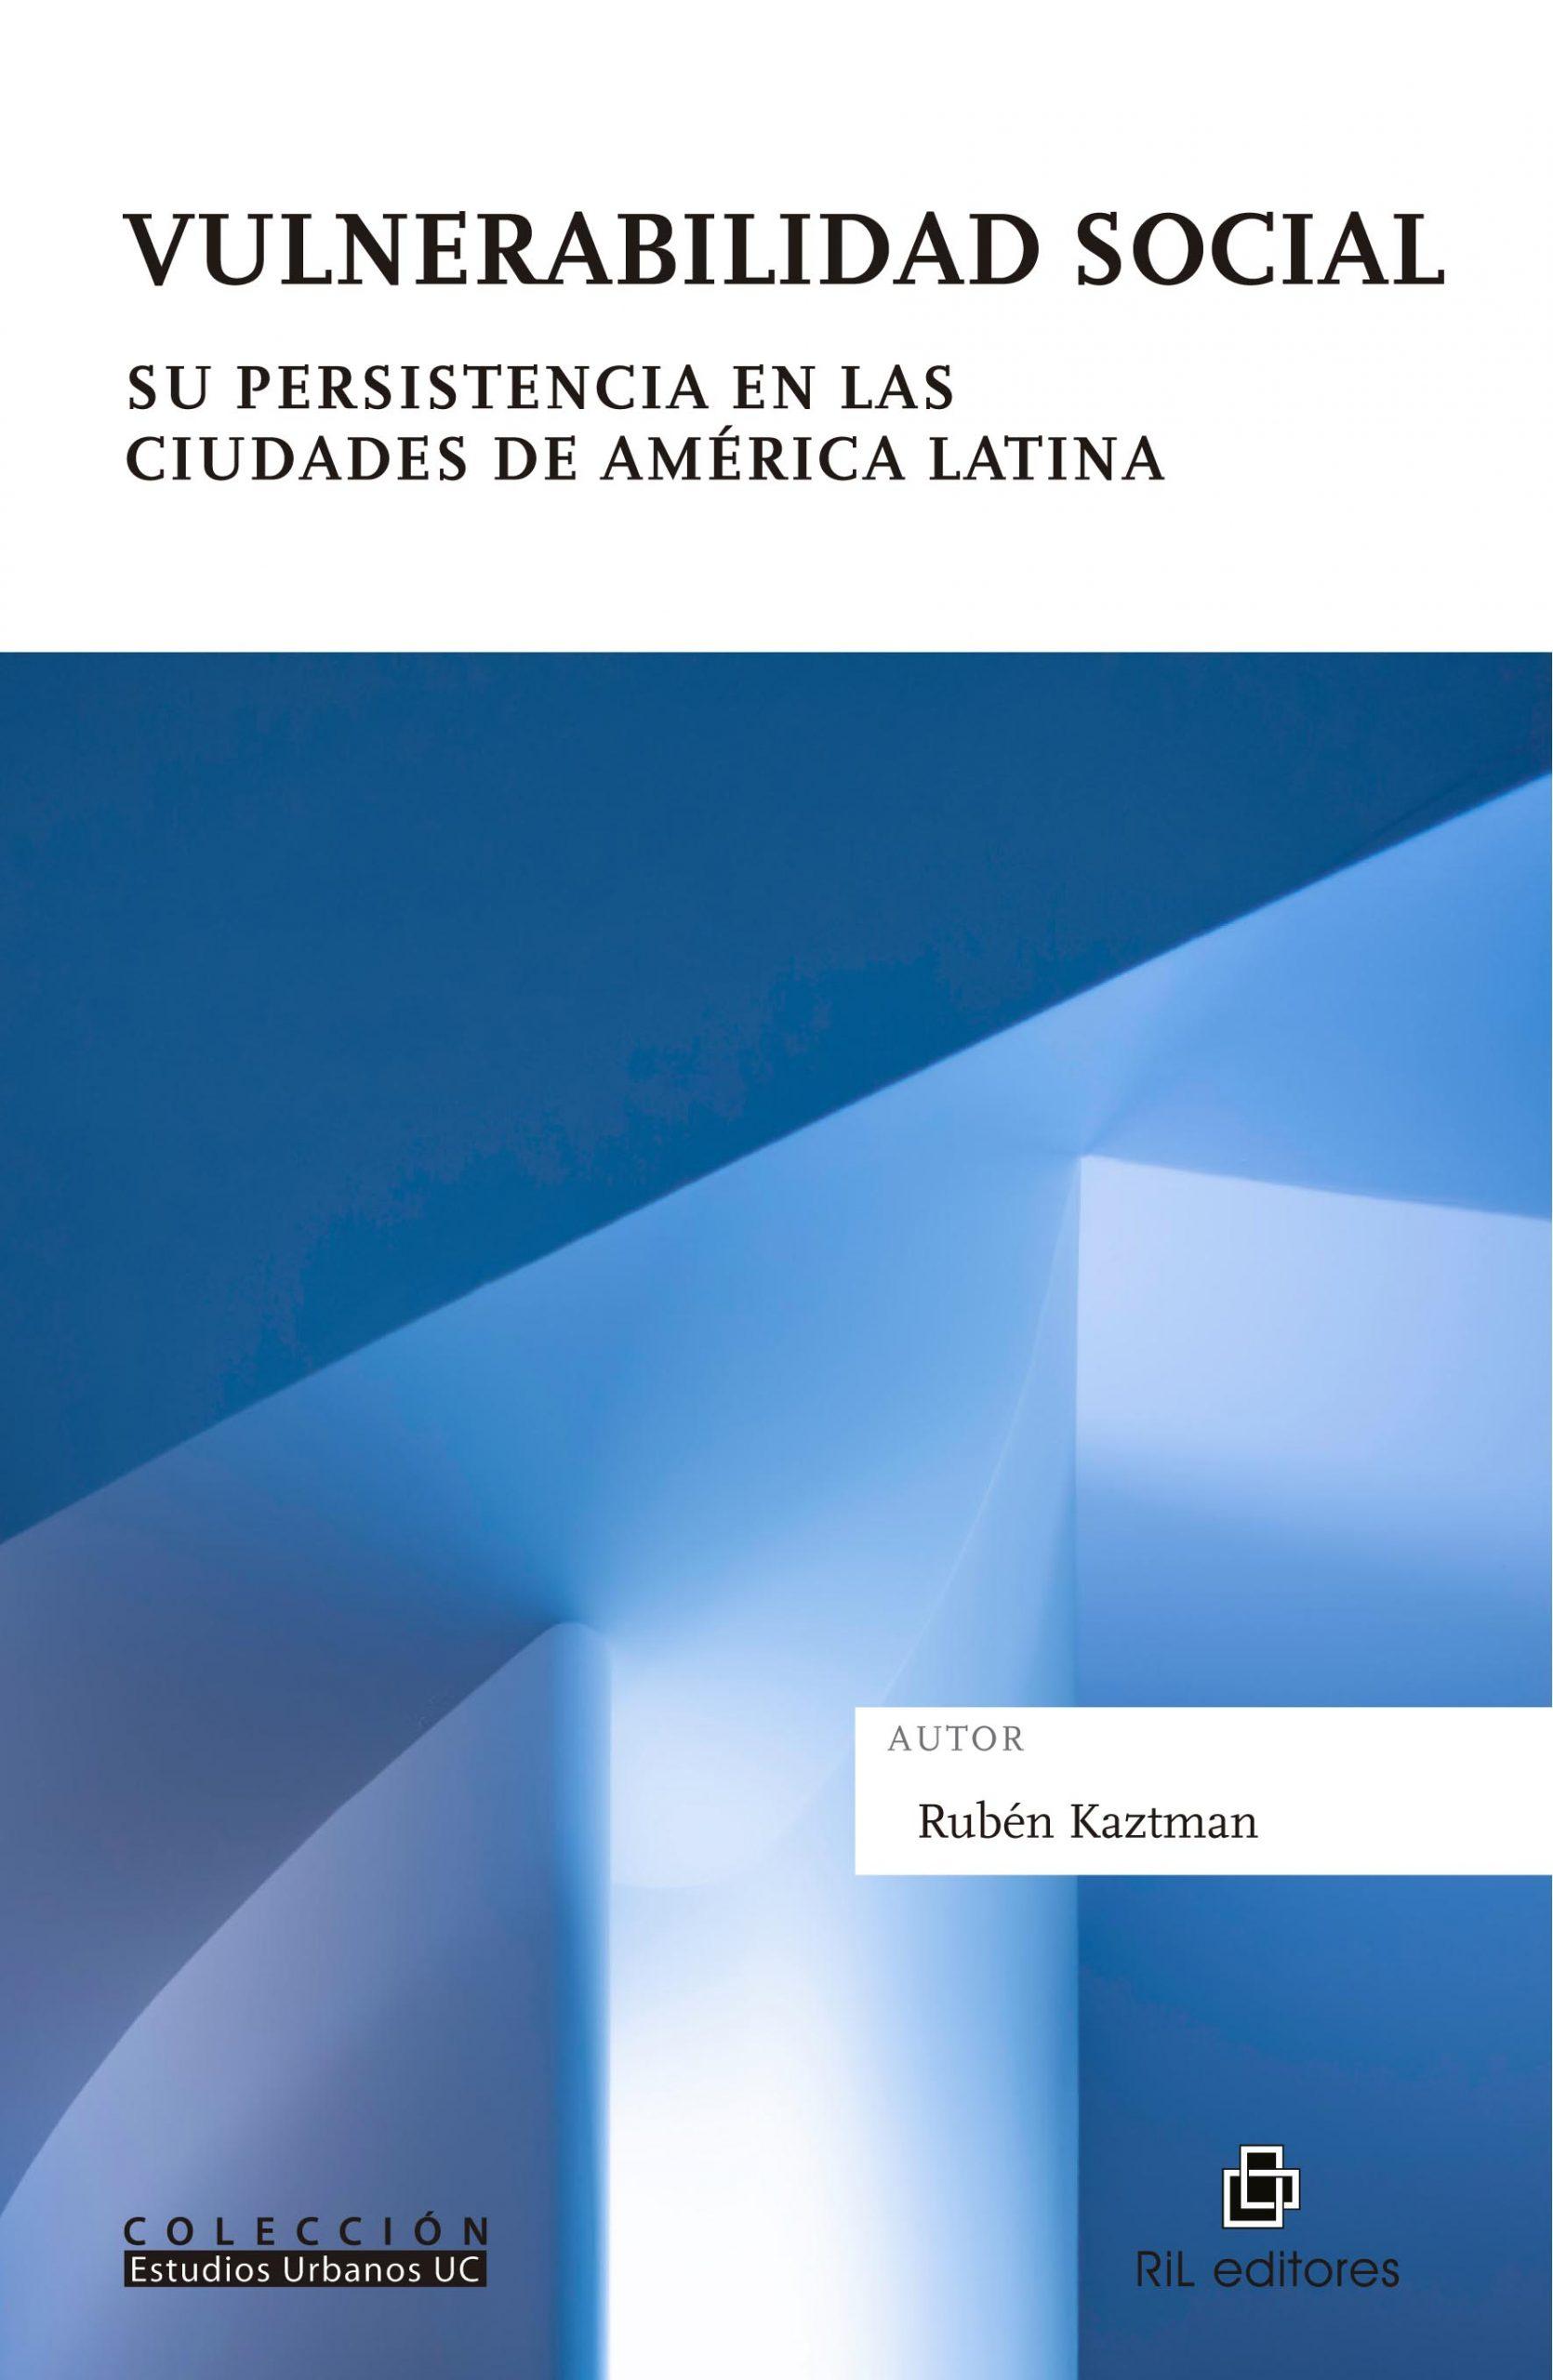 9789560108814 - Katzman - 2021 - Vulnerabilidad social-1